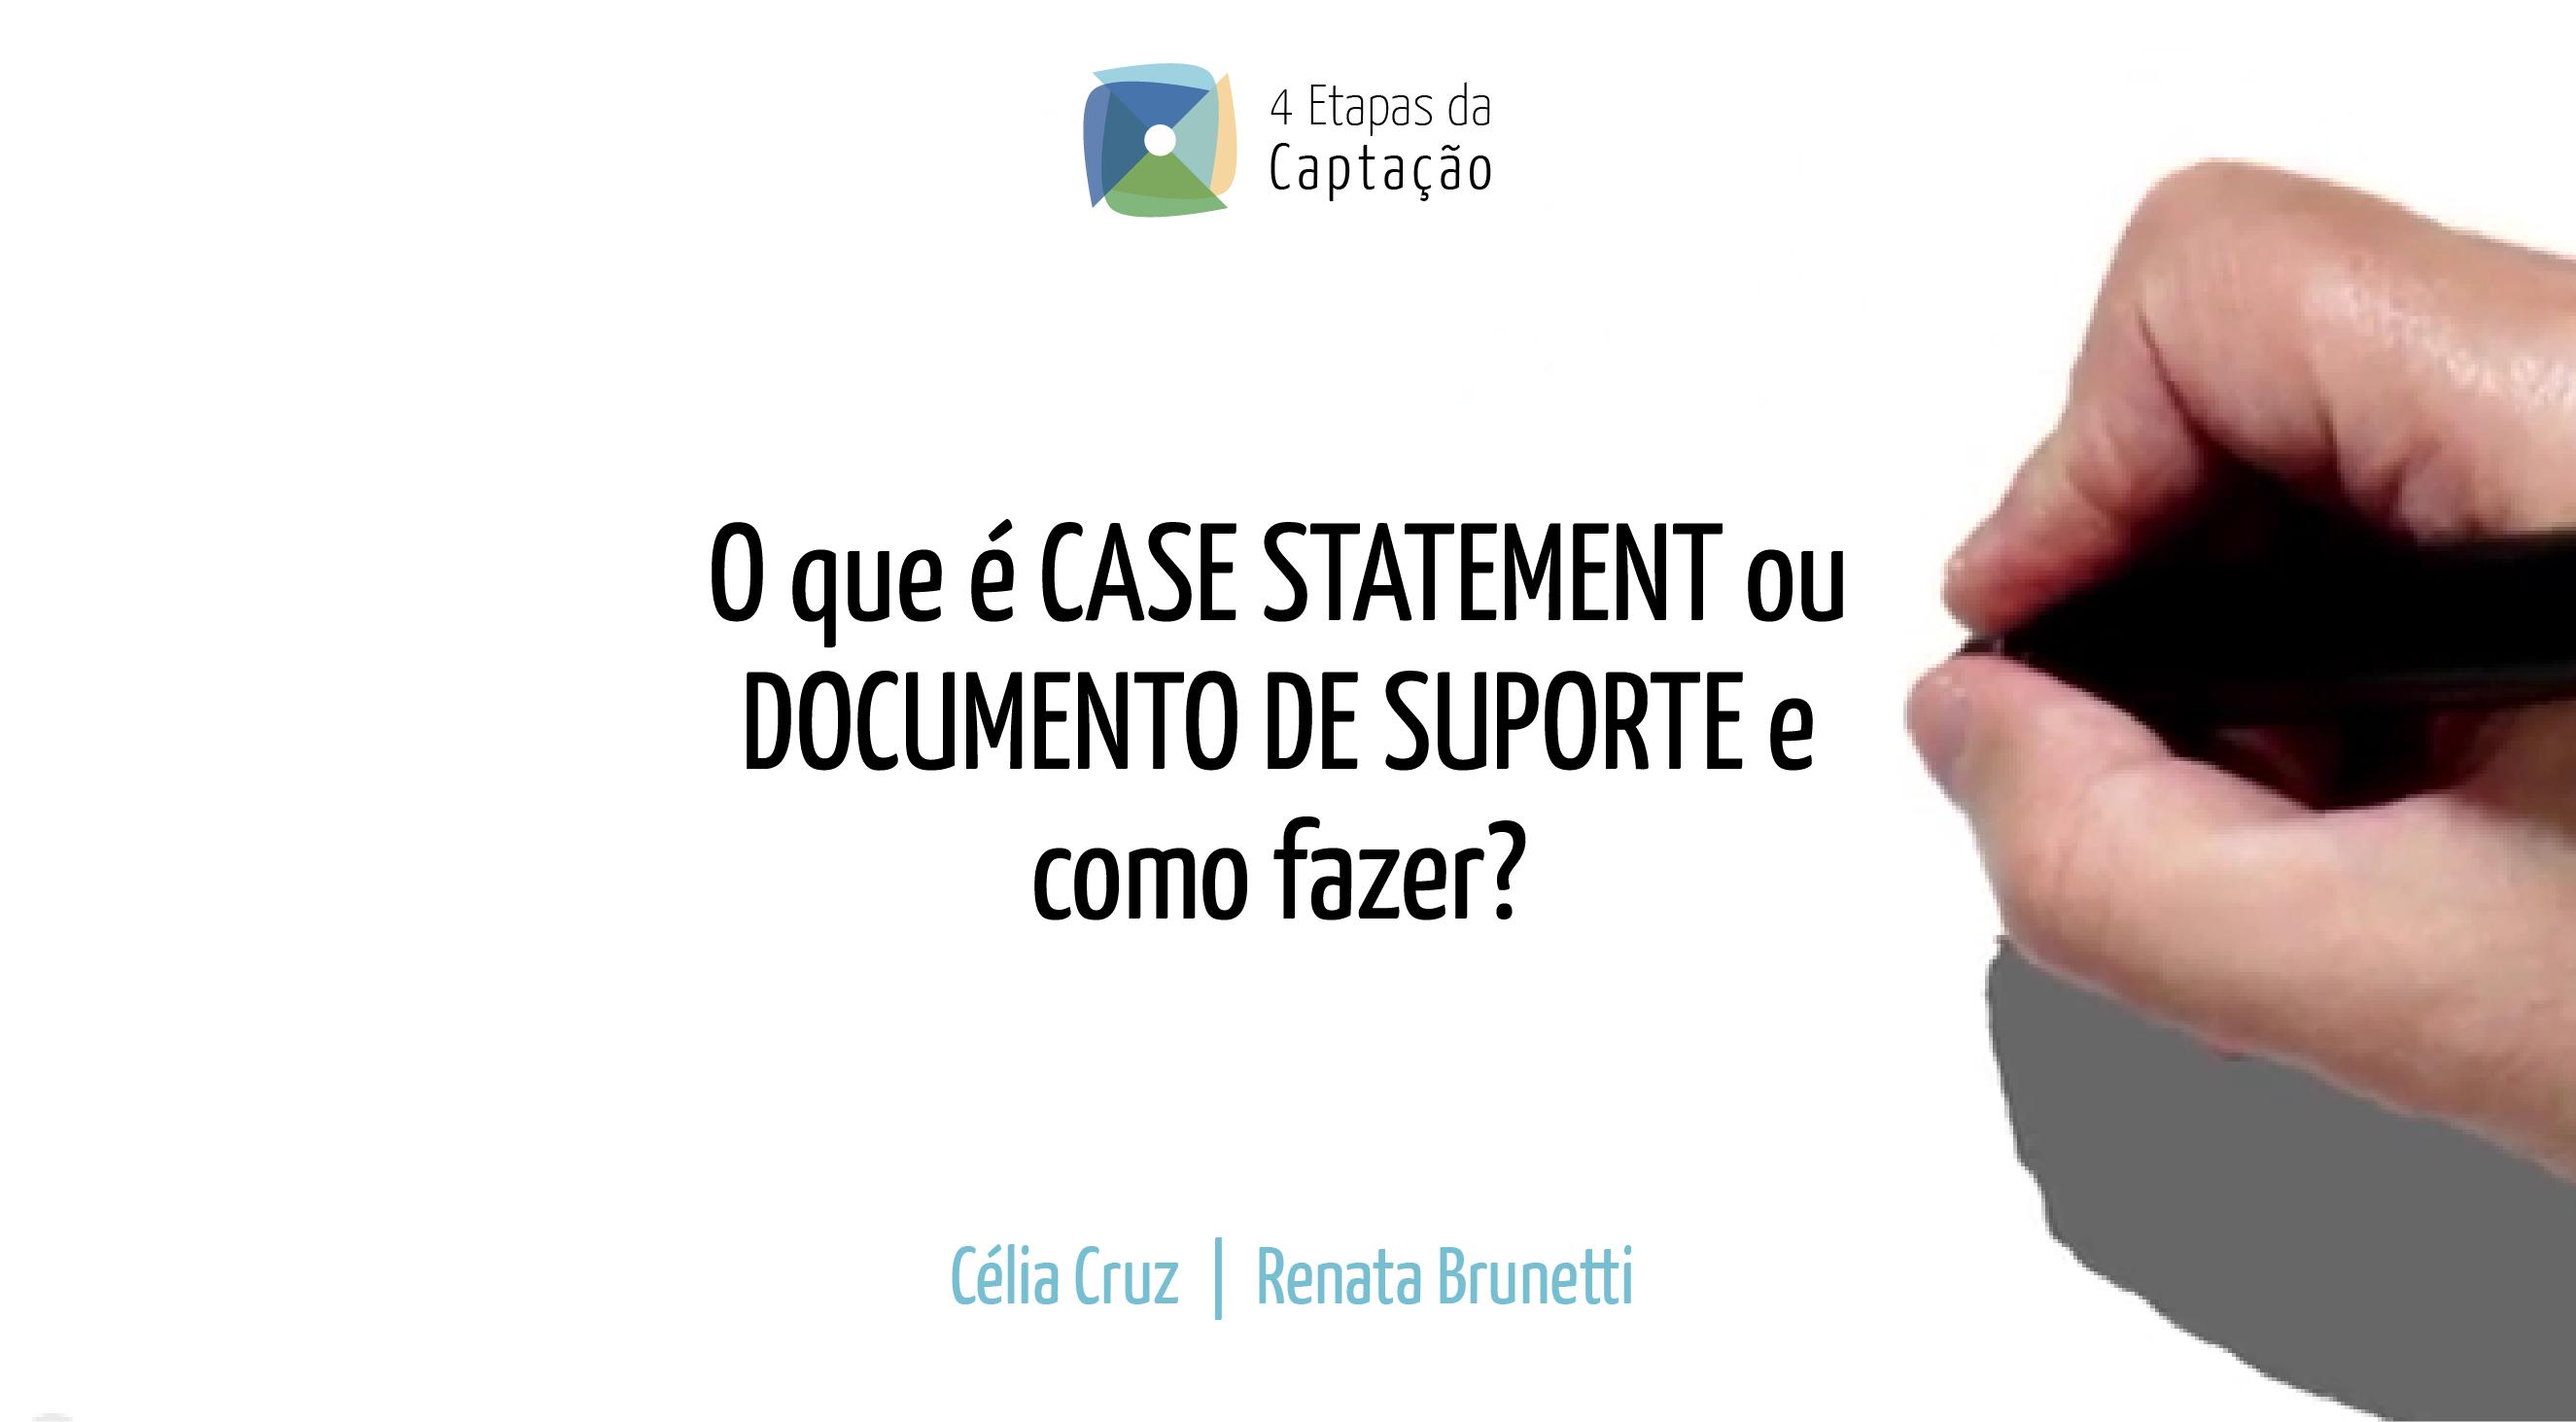 O que e CASE STATEMENT ou DOCUMENTO DE SUPORTE e como fazer